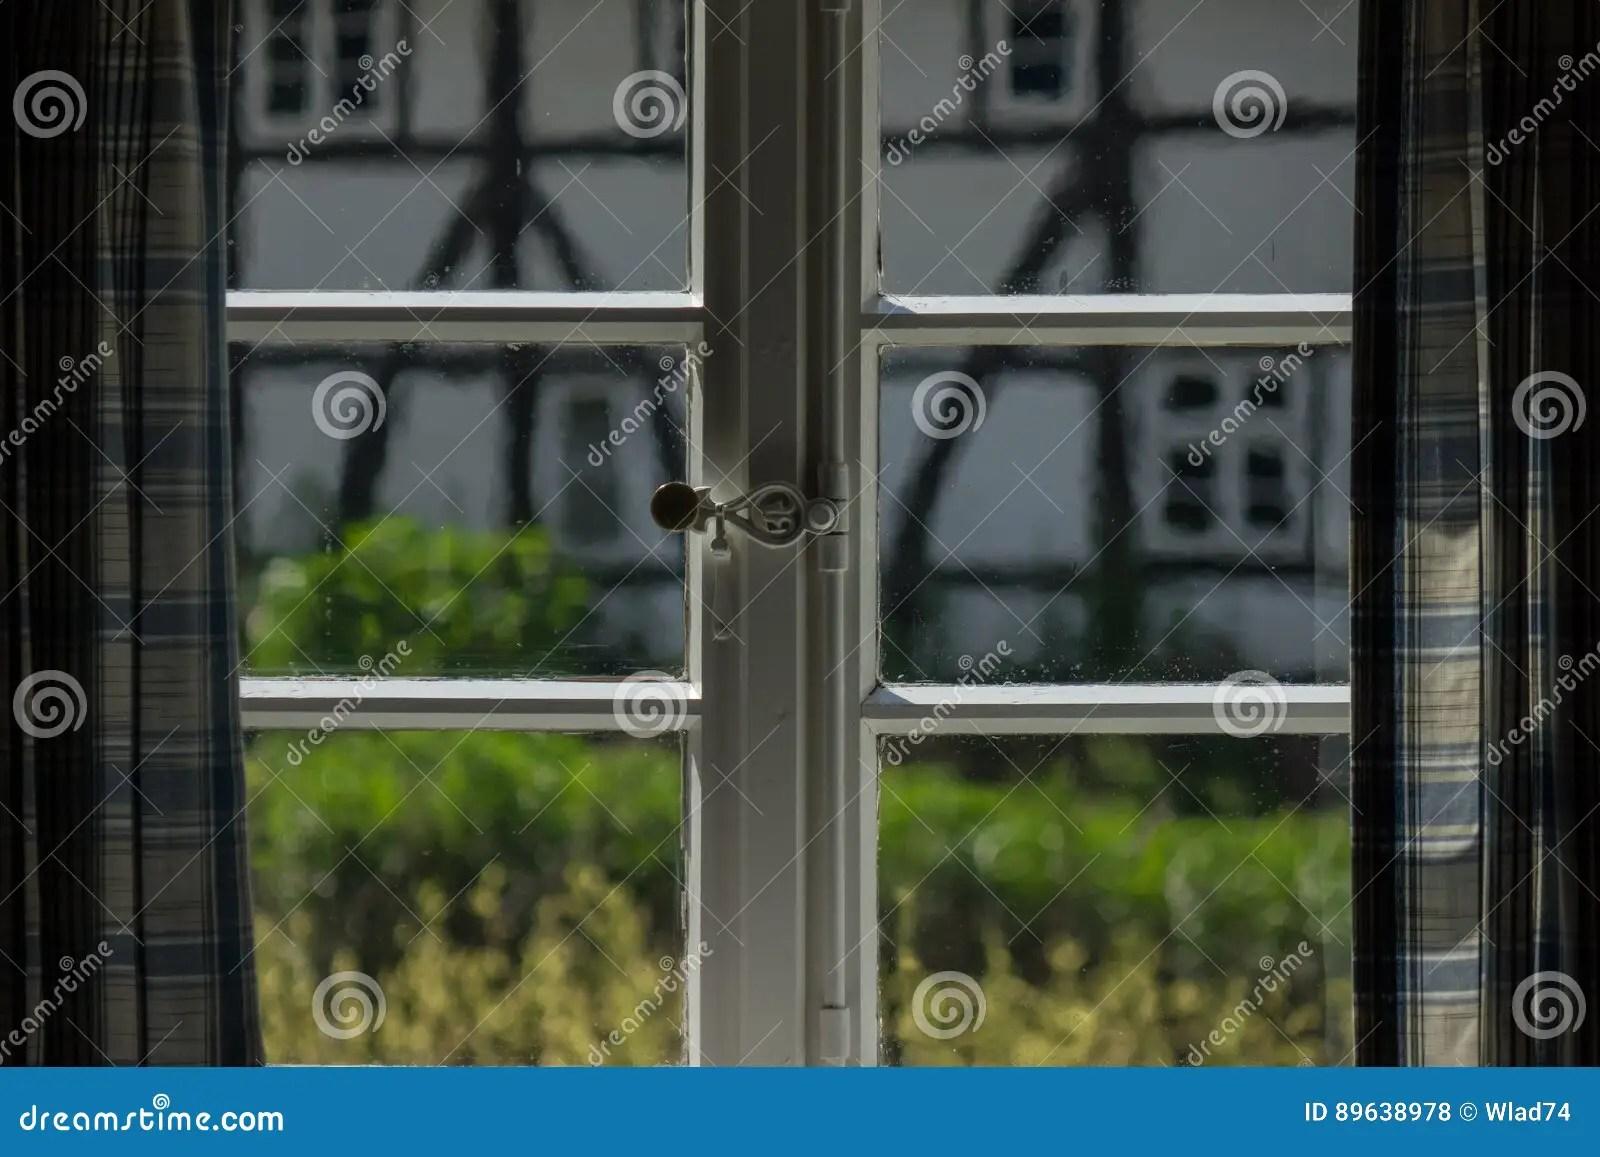 Das Fenster Mit Vorhang Eines Alten Bauernhauses Nach Innen